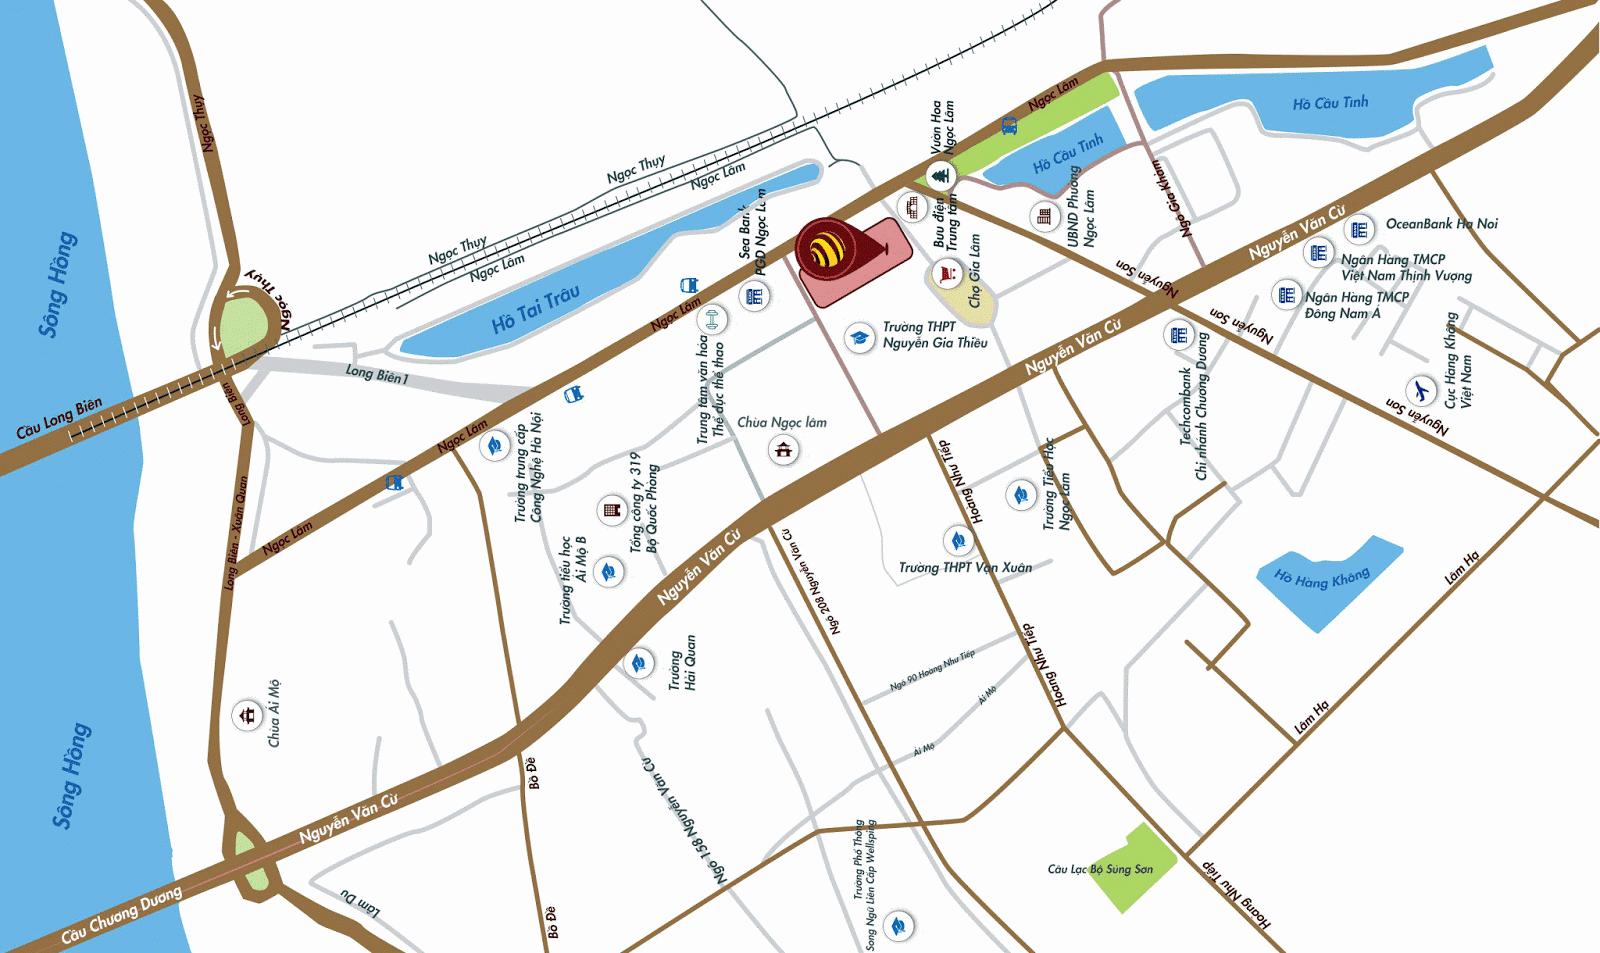 Vị trí vô cùng đắc địa và thuận lợi cho việc di chuyển của cư dân One 18 Long Biên